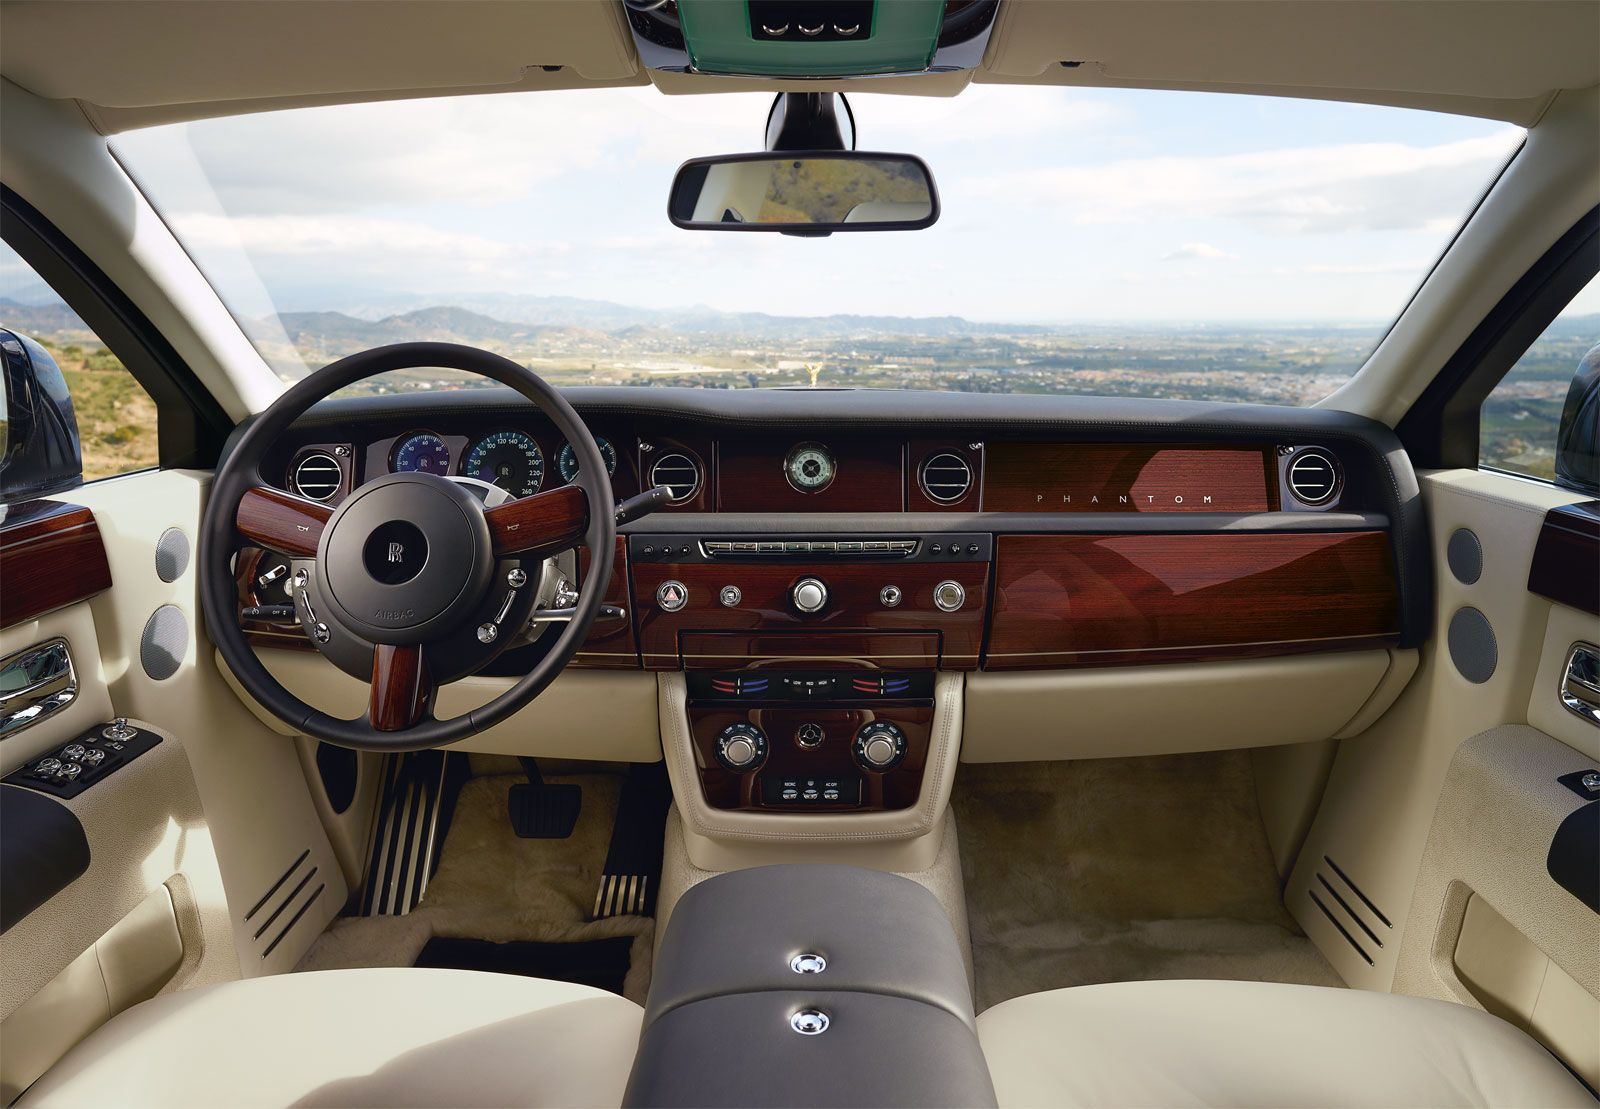 Rolls Royce Phantom Interior | Rolls Royce Phantom Extended Interior (1) |  Sense